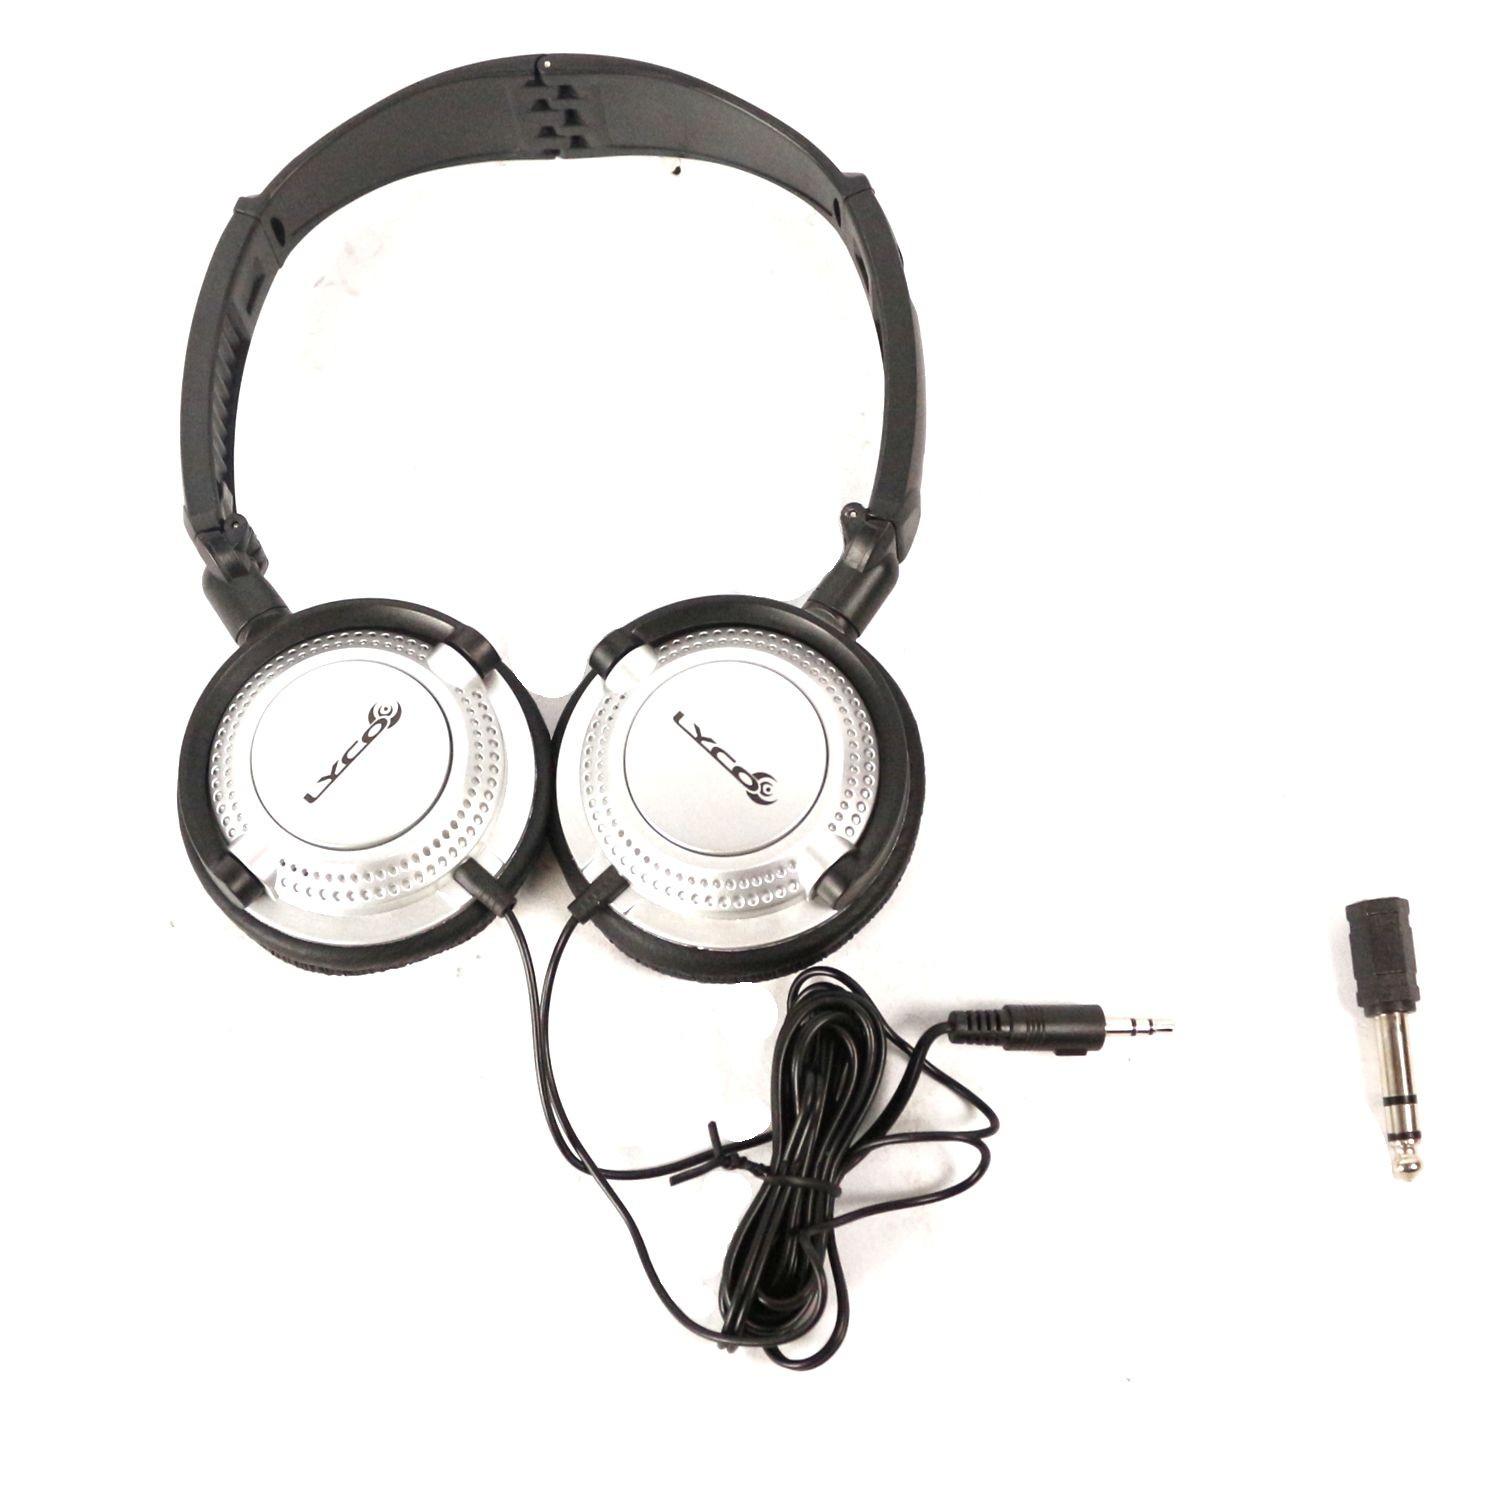 Fone de Ouvido LYCO Headphone LCPRO-110